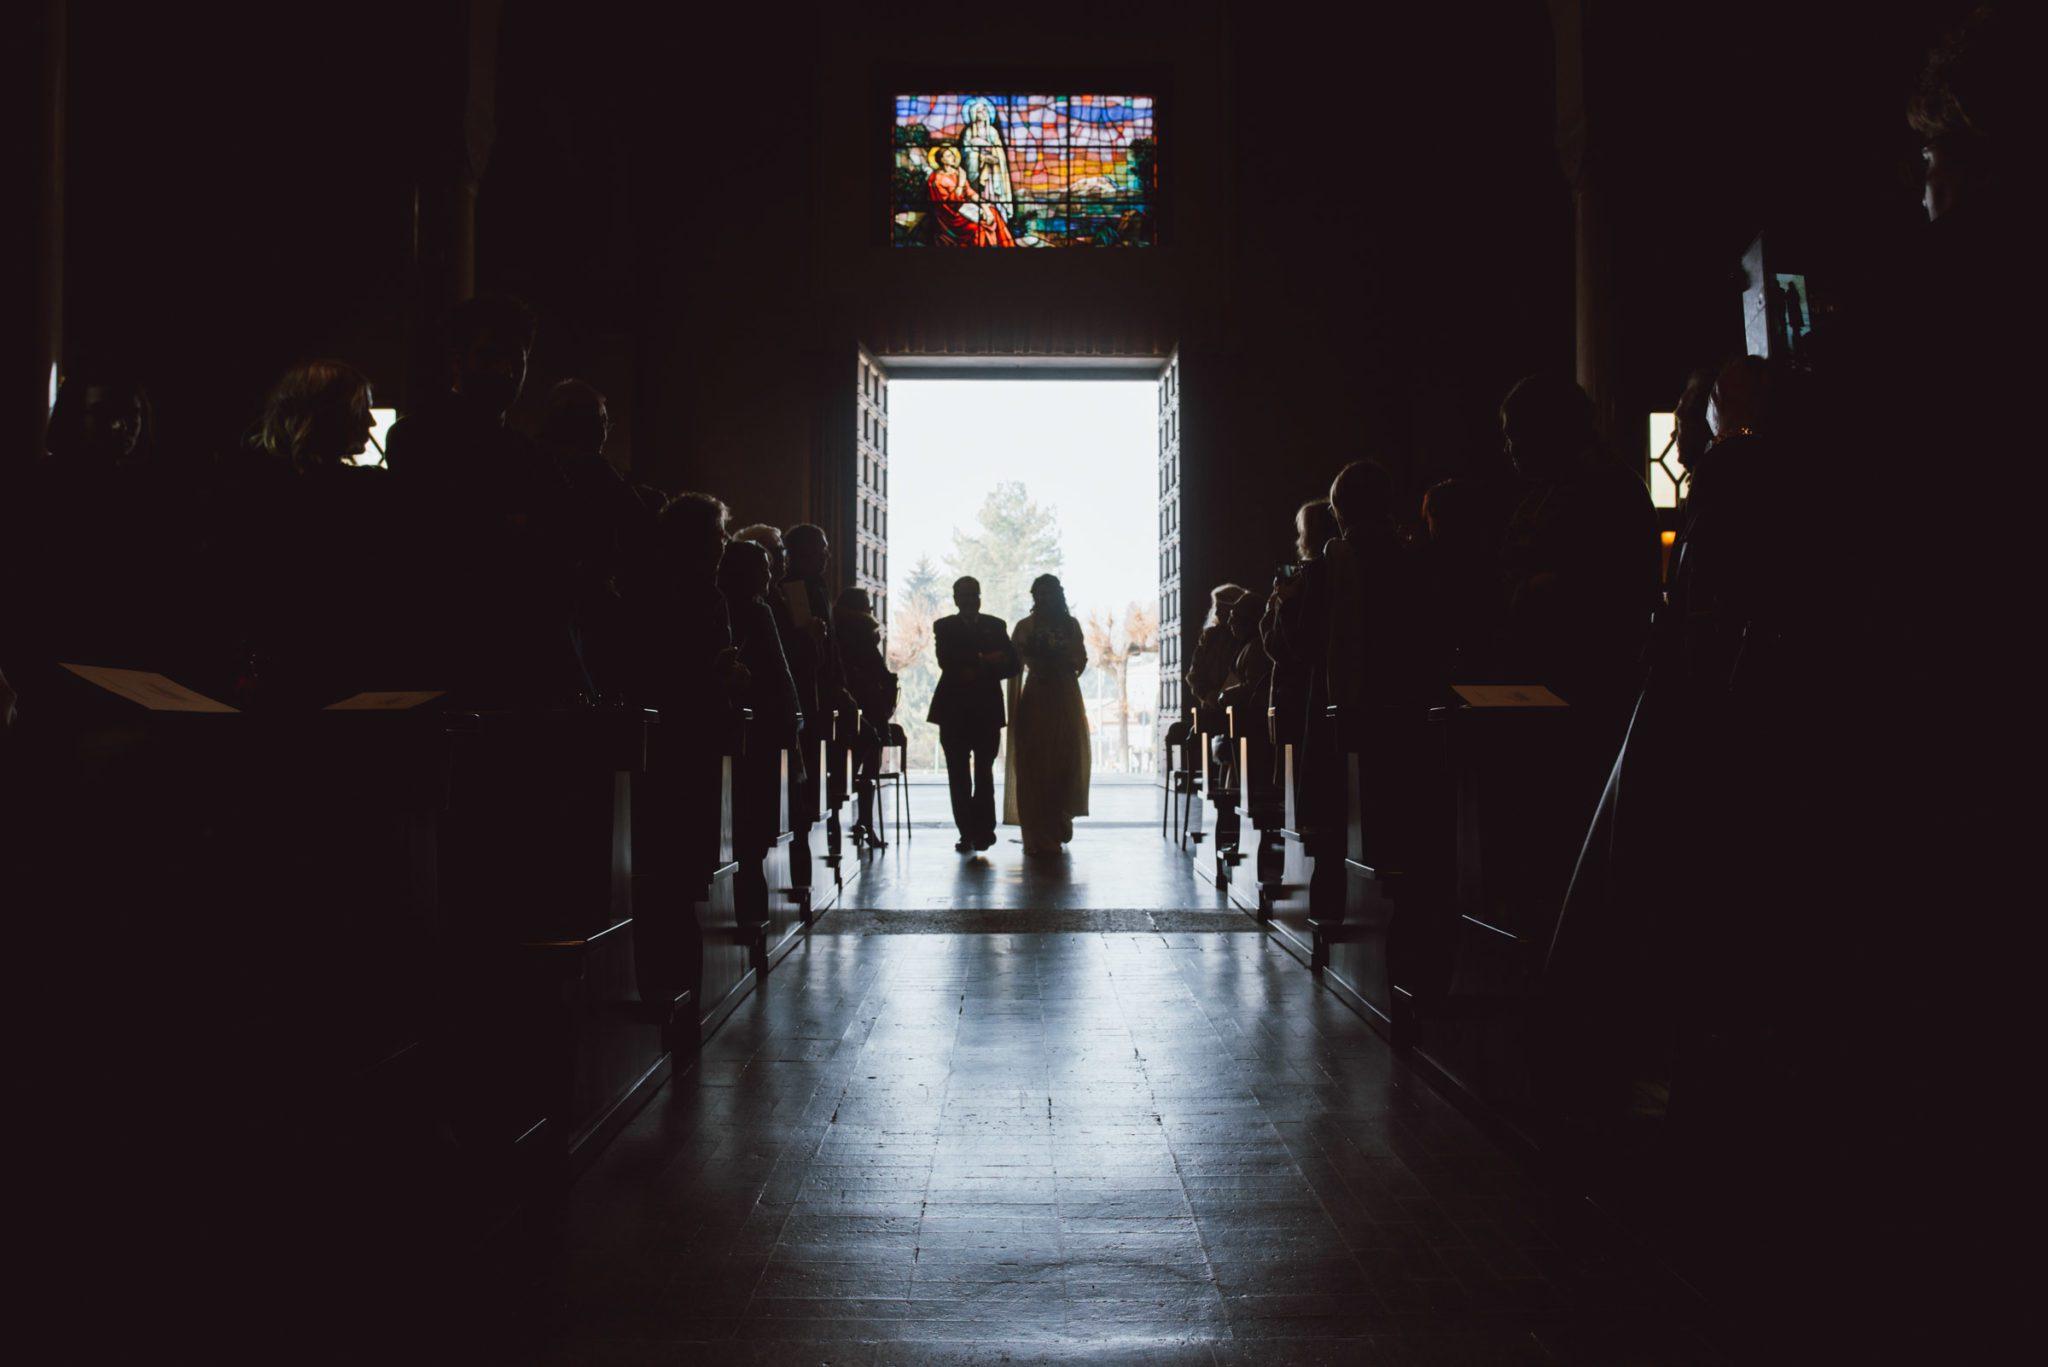 matrimonio invernale varese wedding winter fotografo fotografia max allegritti sposa sposo nozze